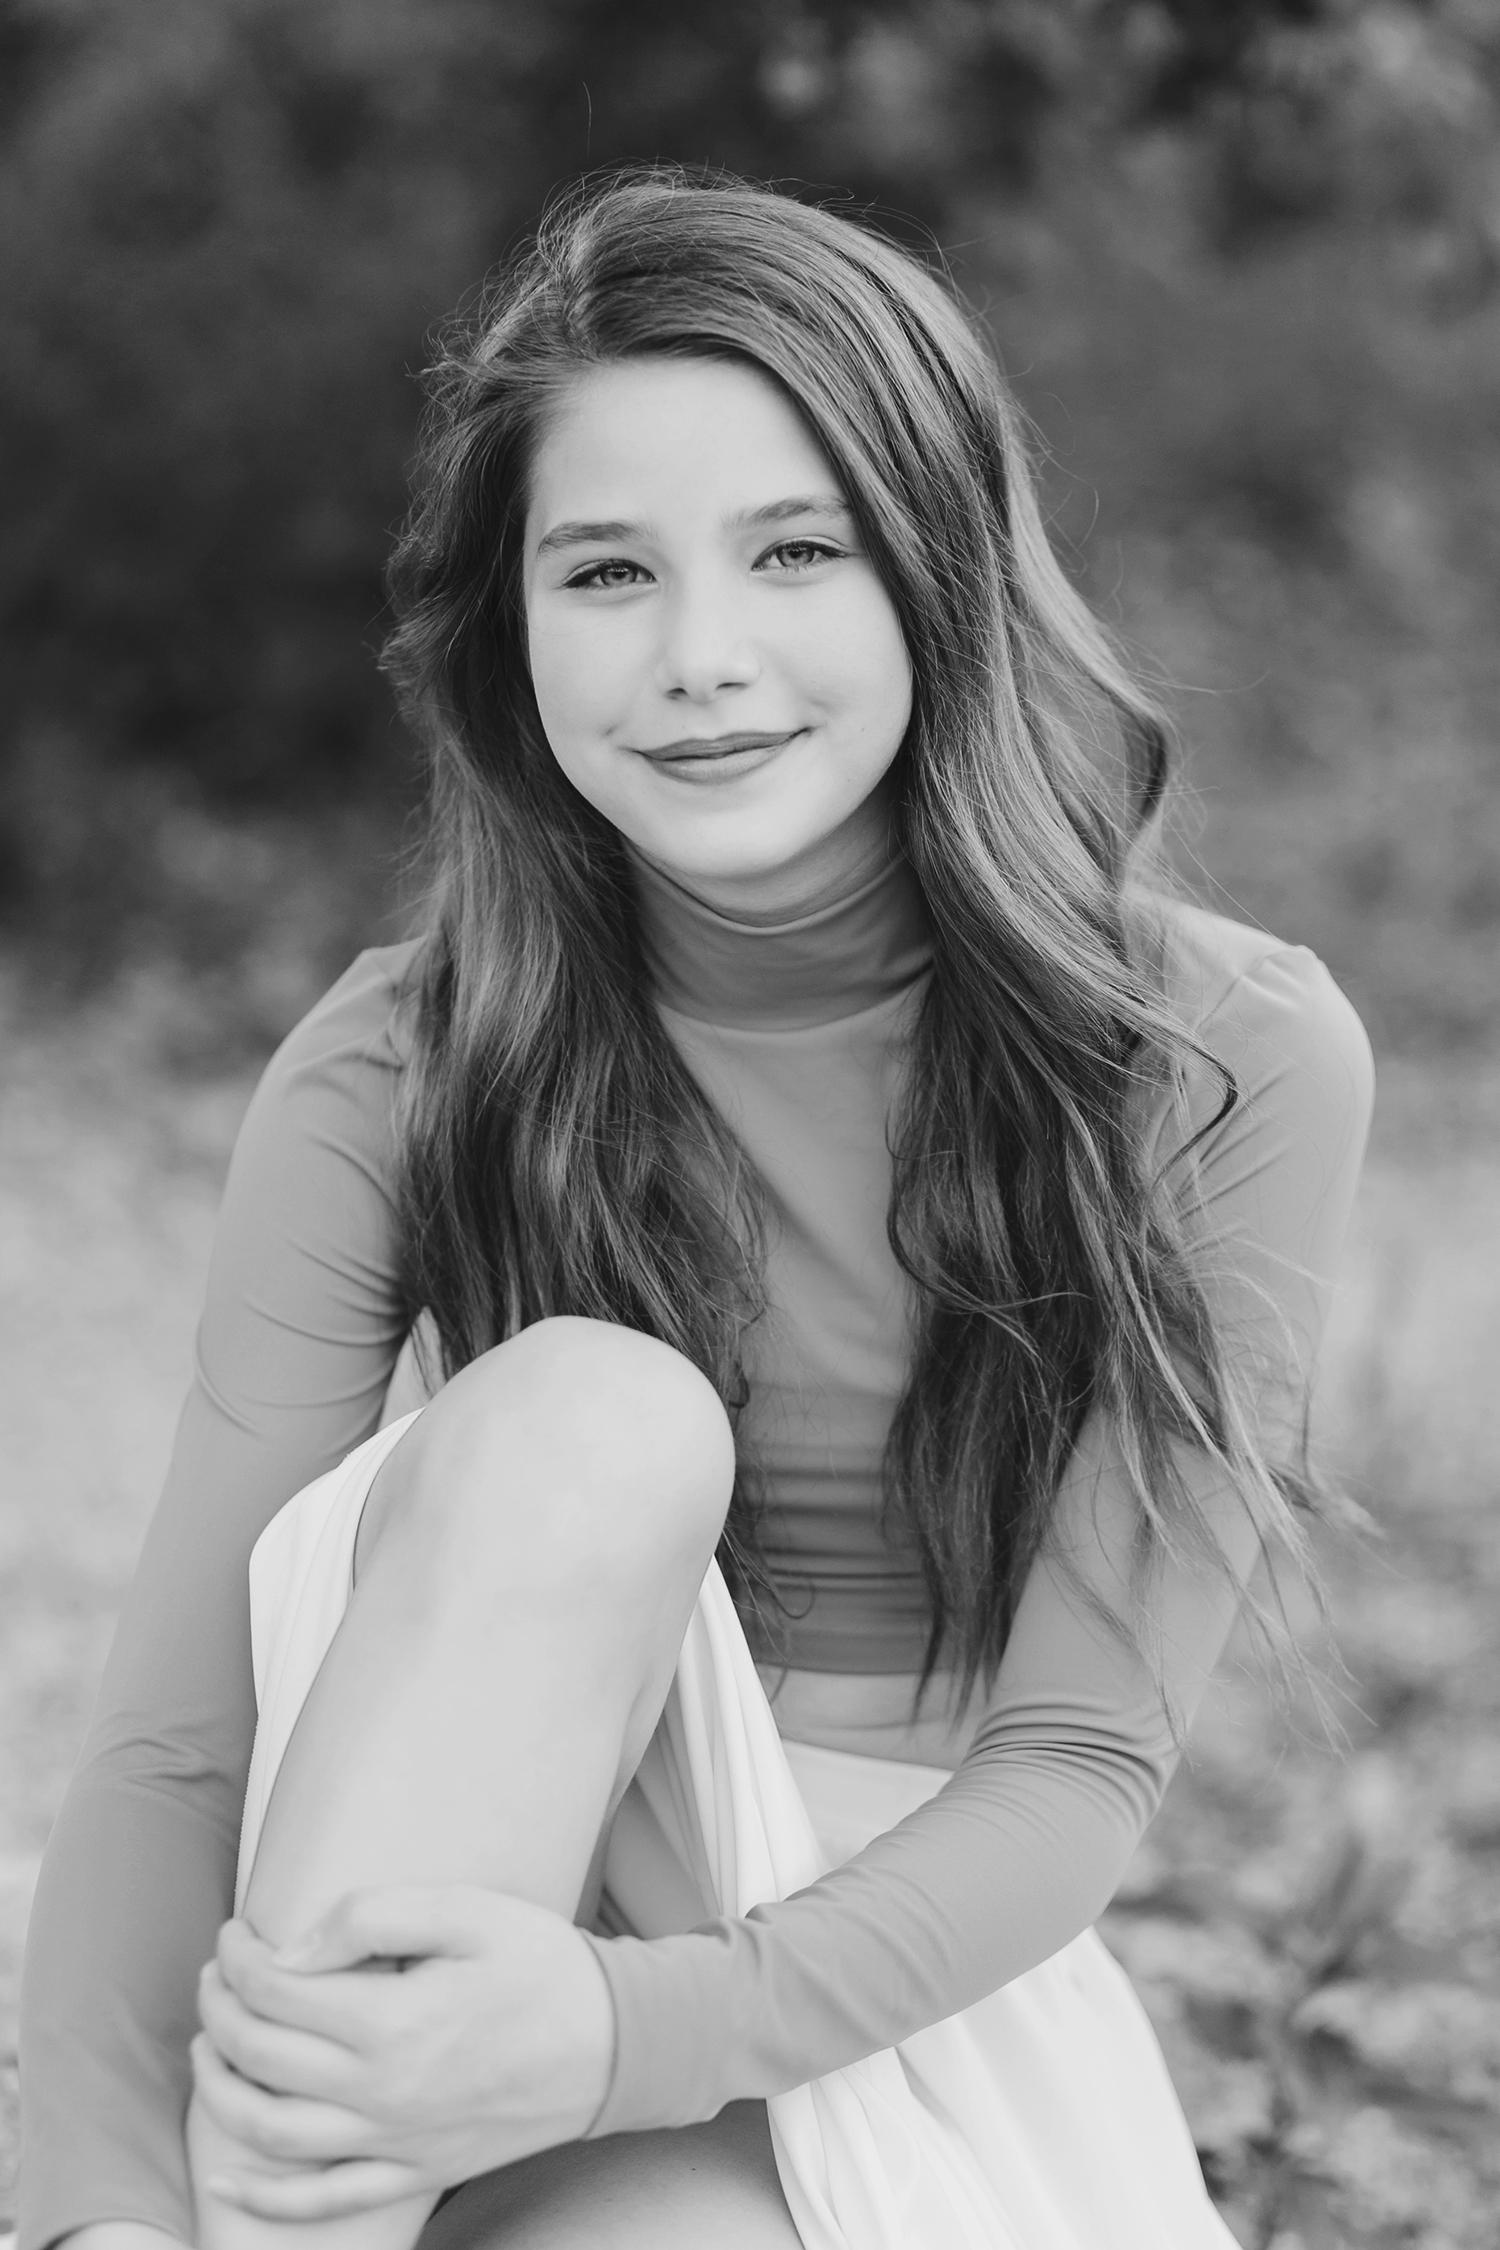 austin-dancer-teen-tween-portraits-kbp08.jpg